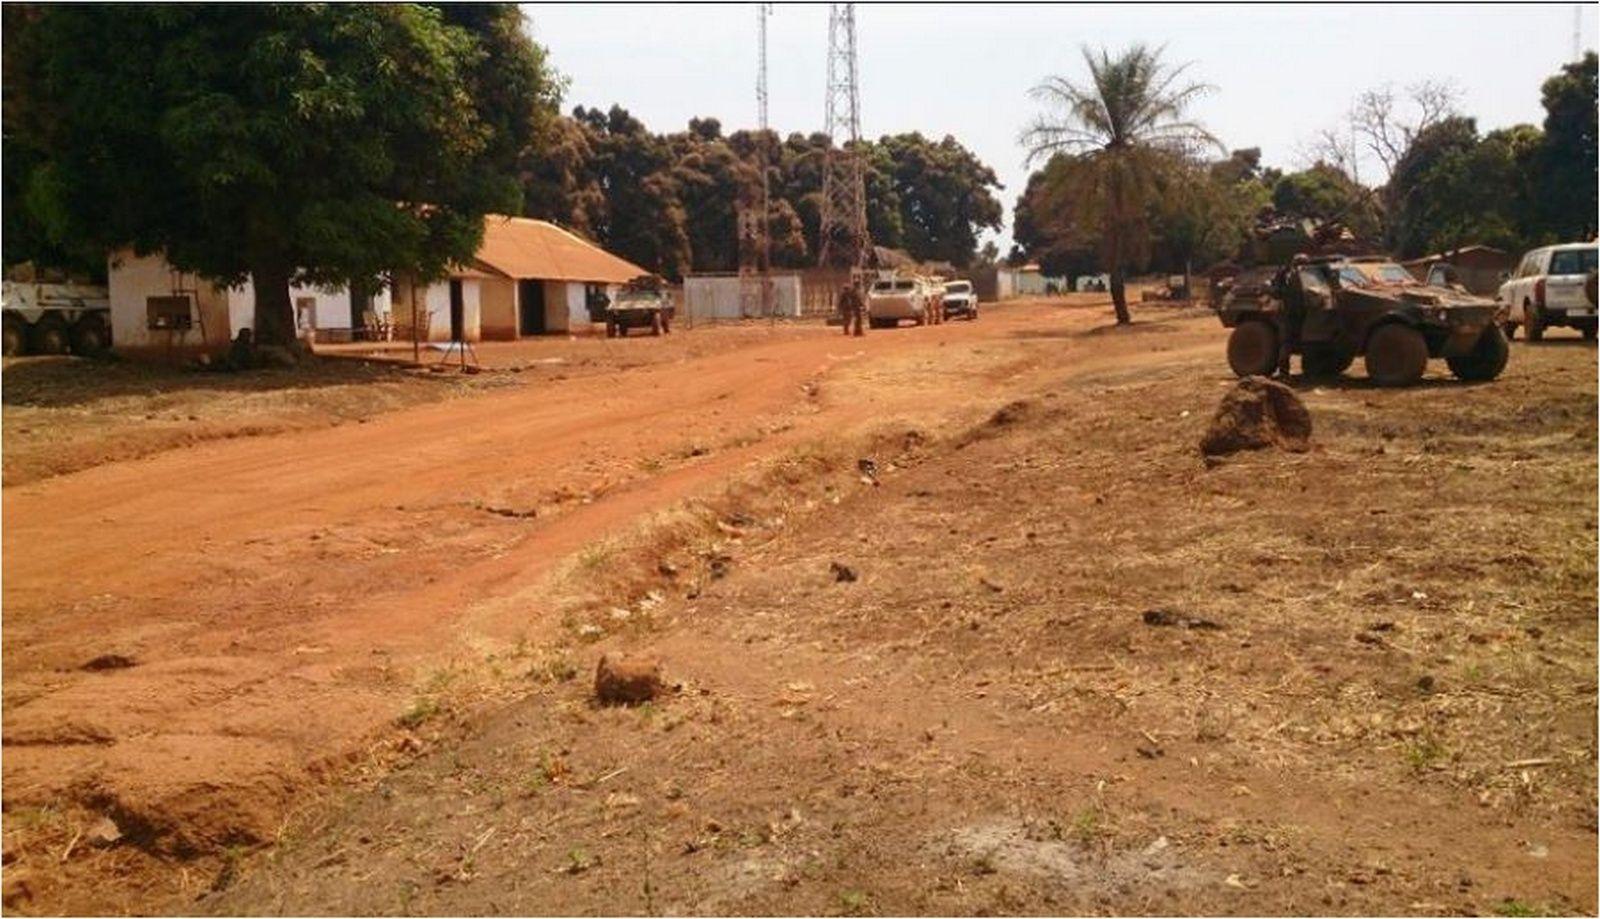 Maintien de la paix dans le monde - Les FAR en République Centrafricaine - RCA (MINUSCA) Sans_t20